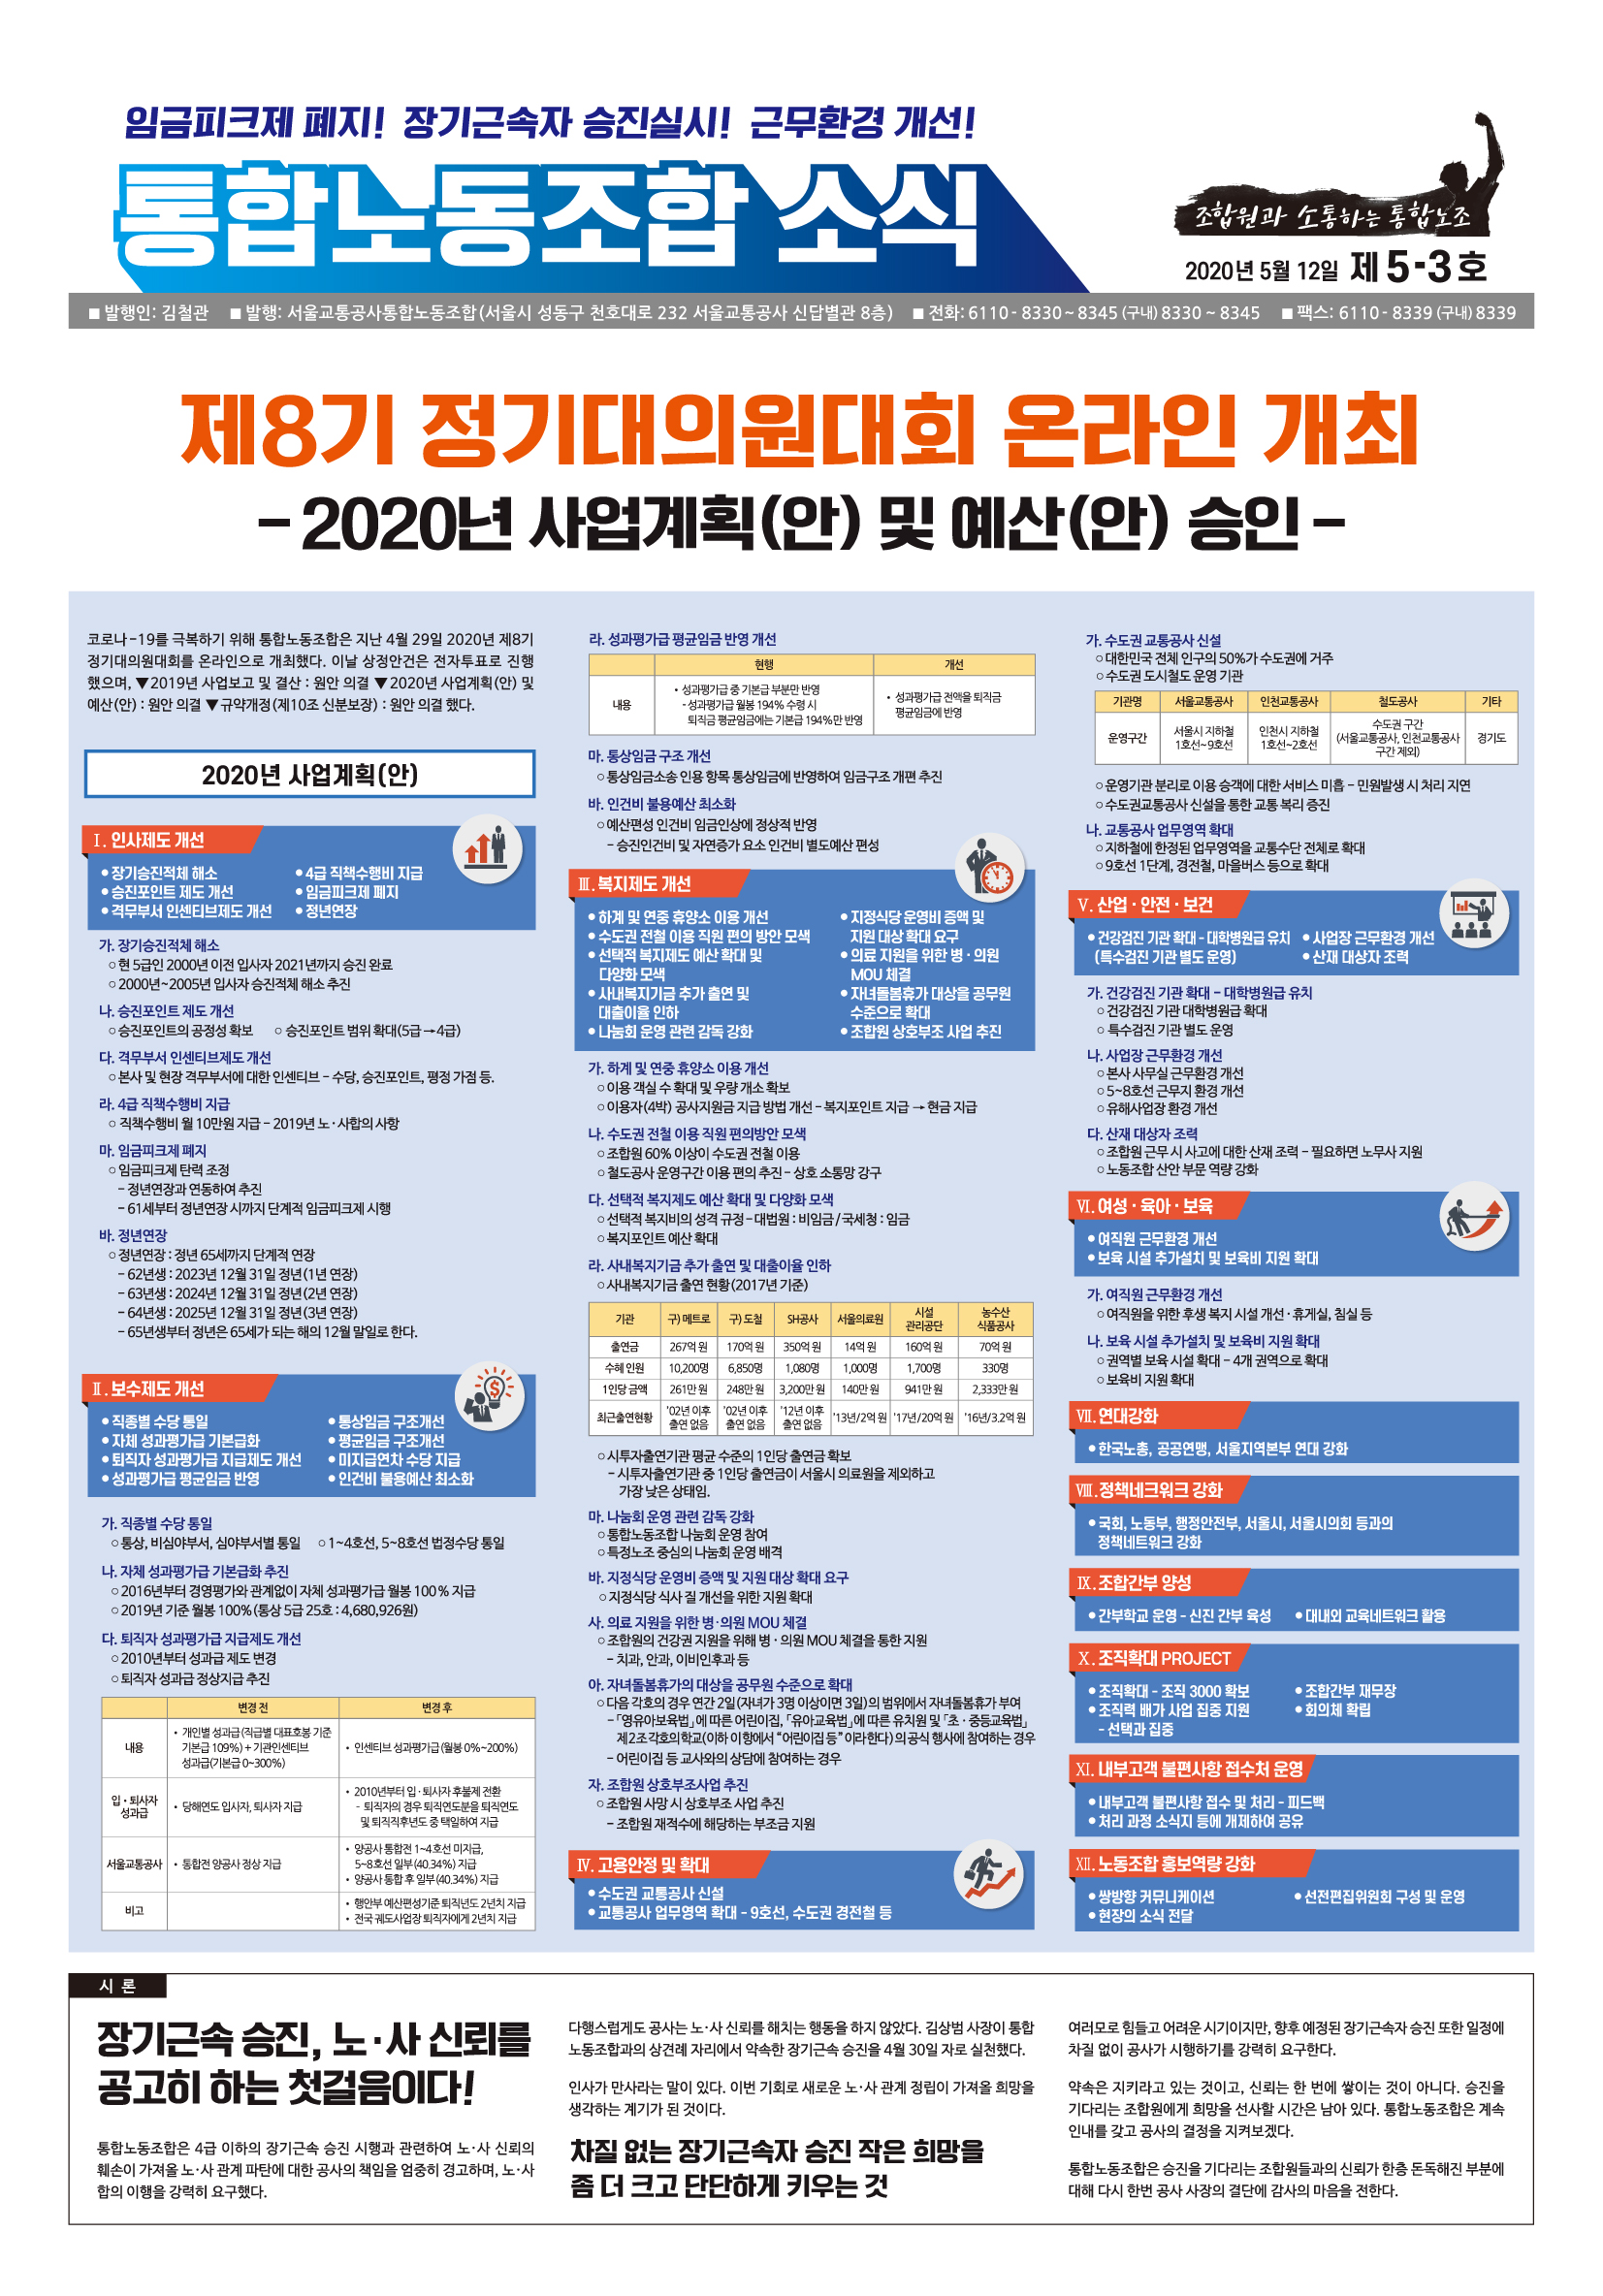 소식지제5-3호최종.jpg